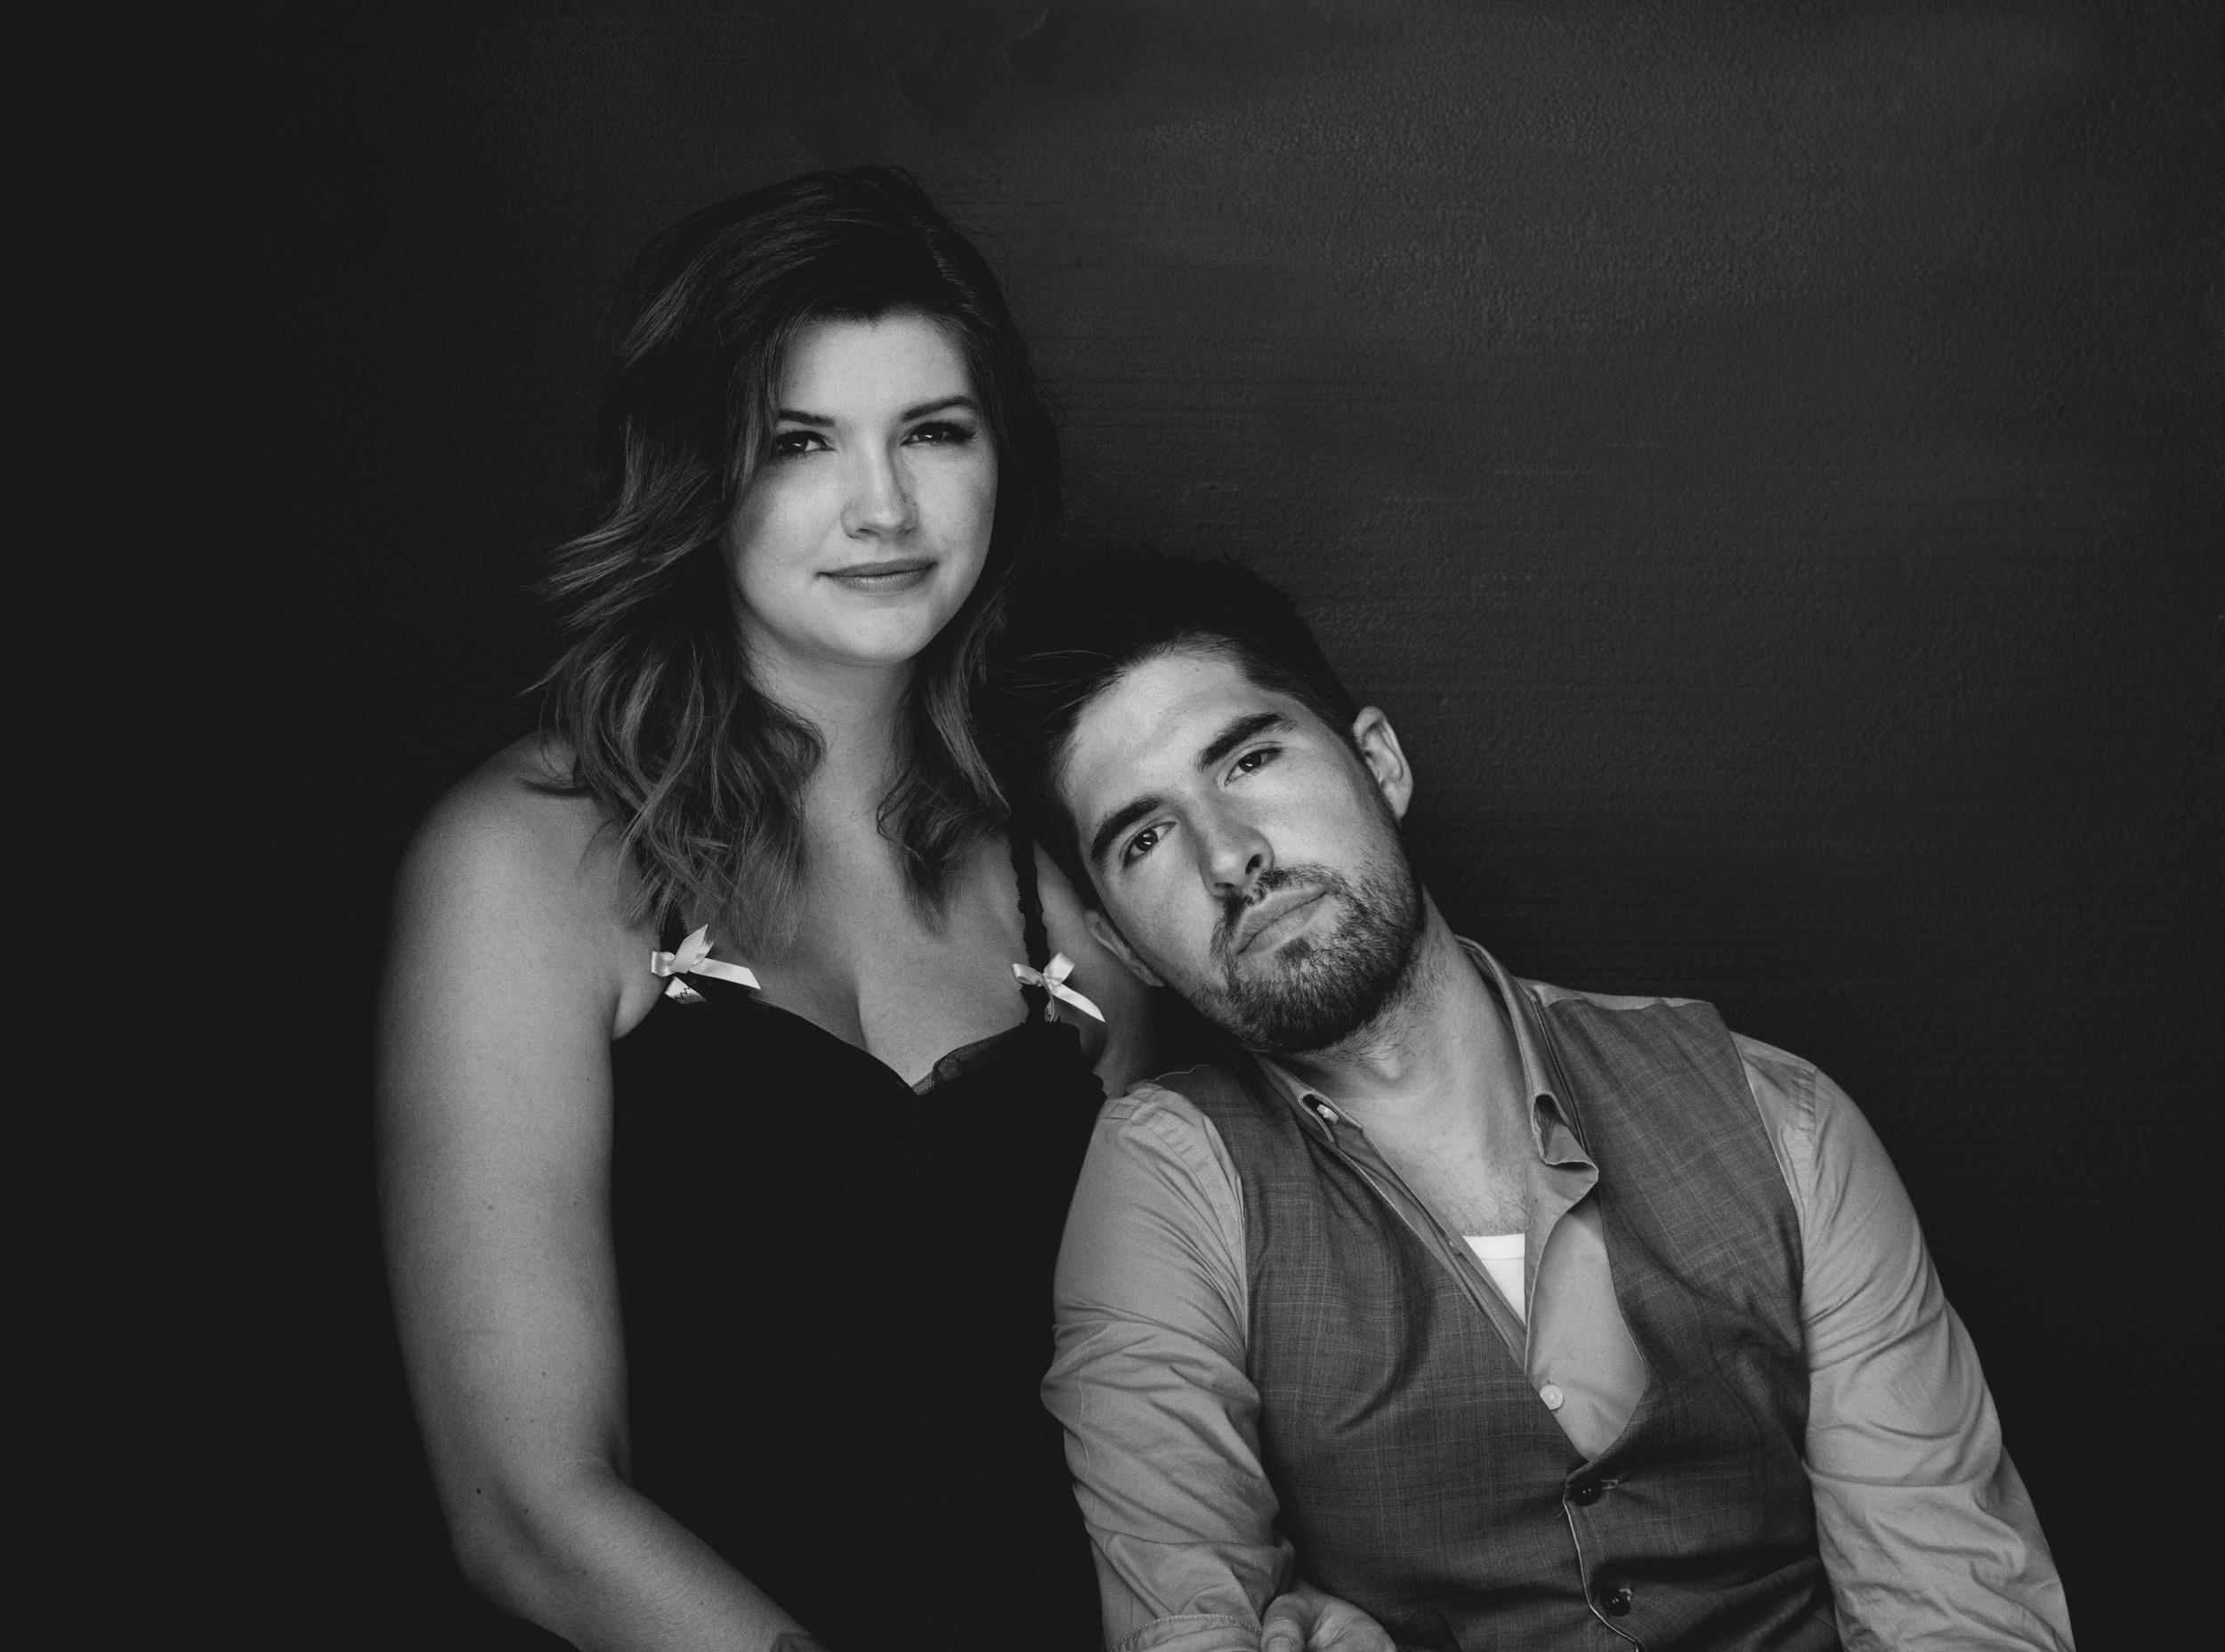 Studio Portrait Glamour Couple Engagement Photography Los Angeles